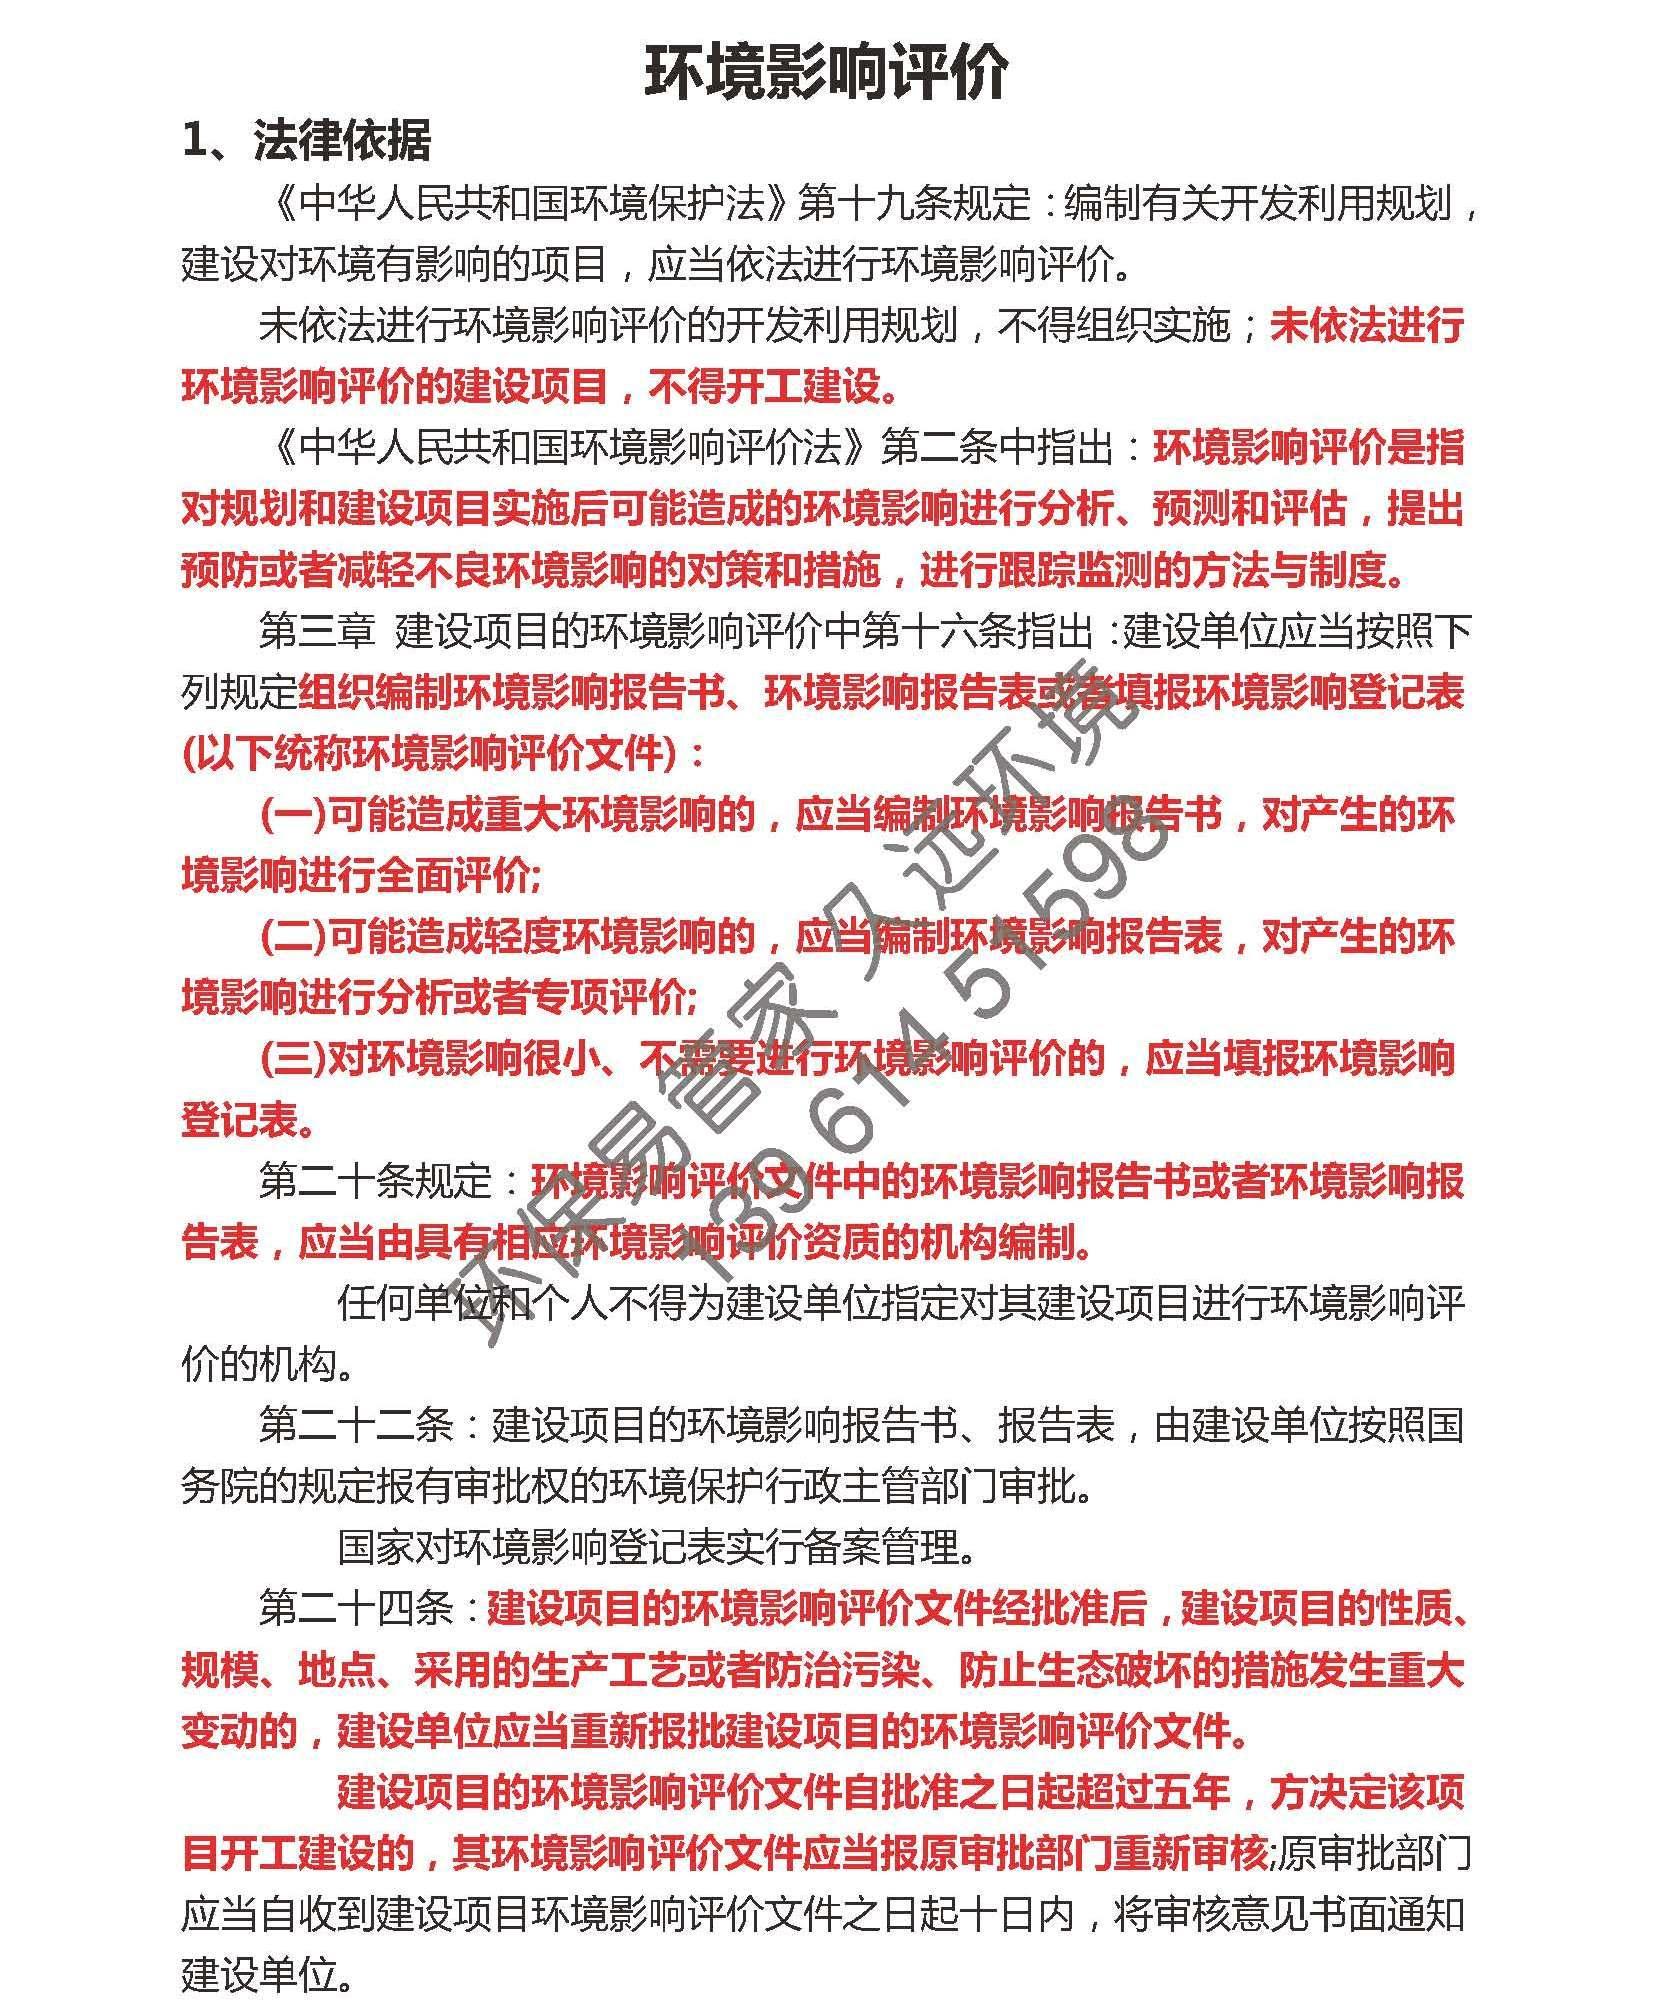 文字材料_页面_1